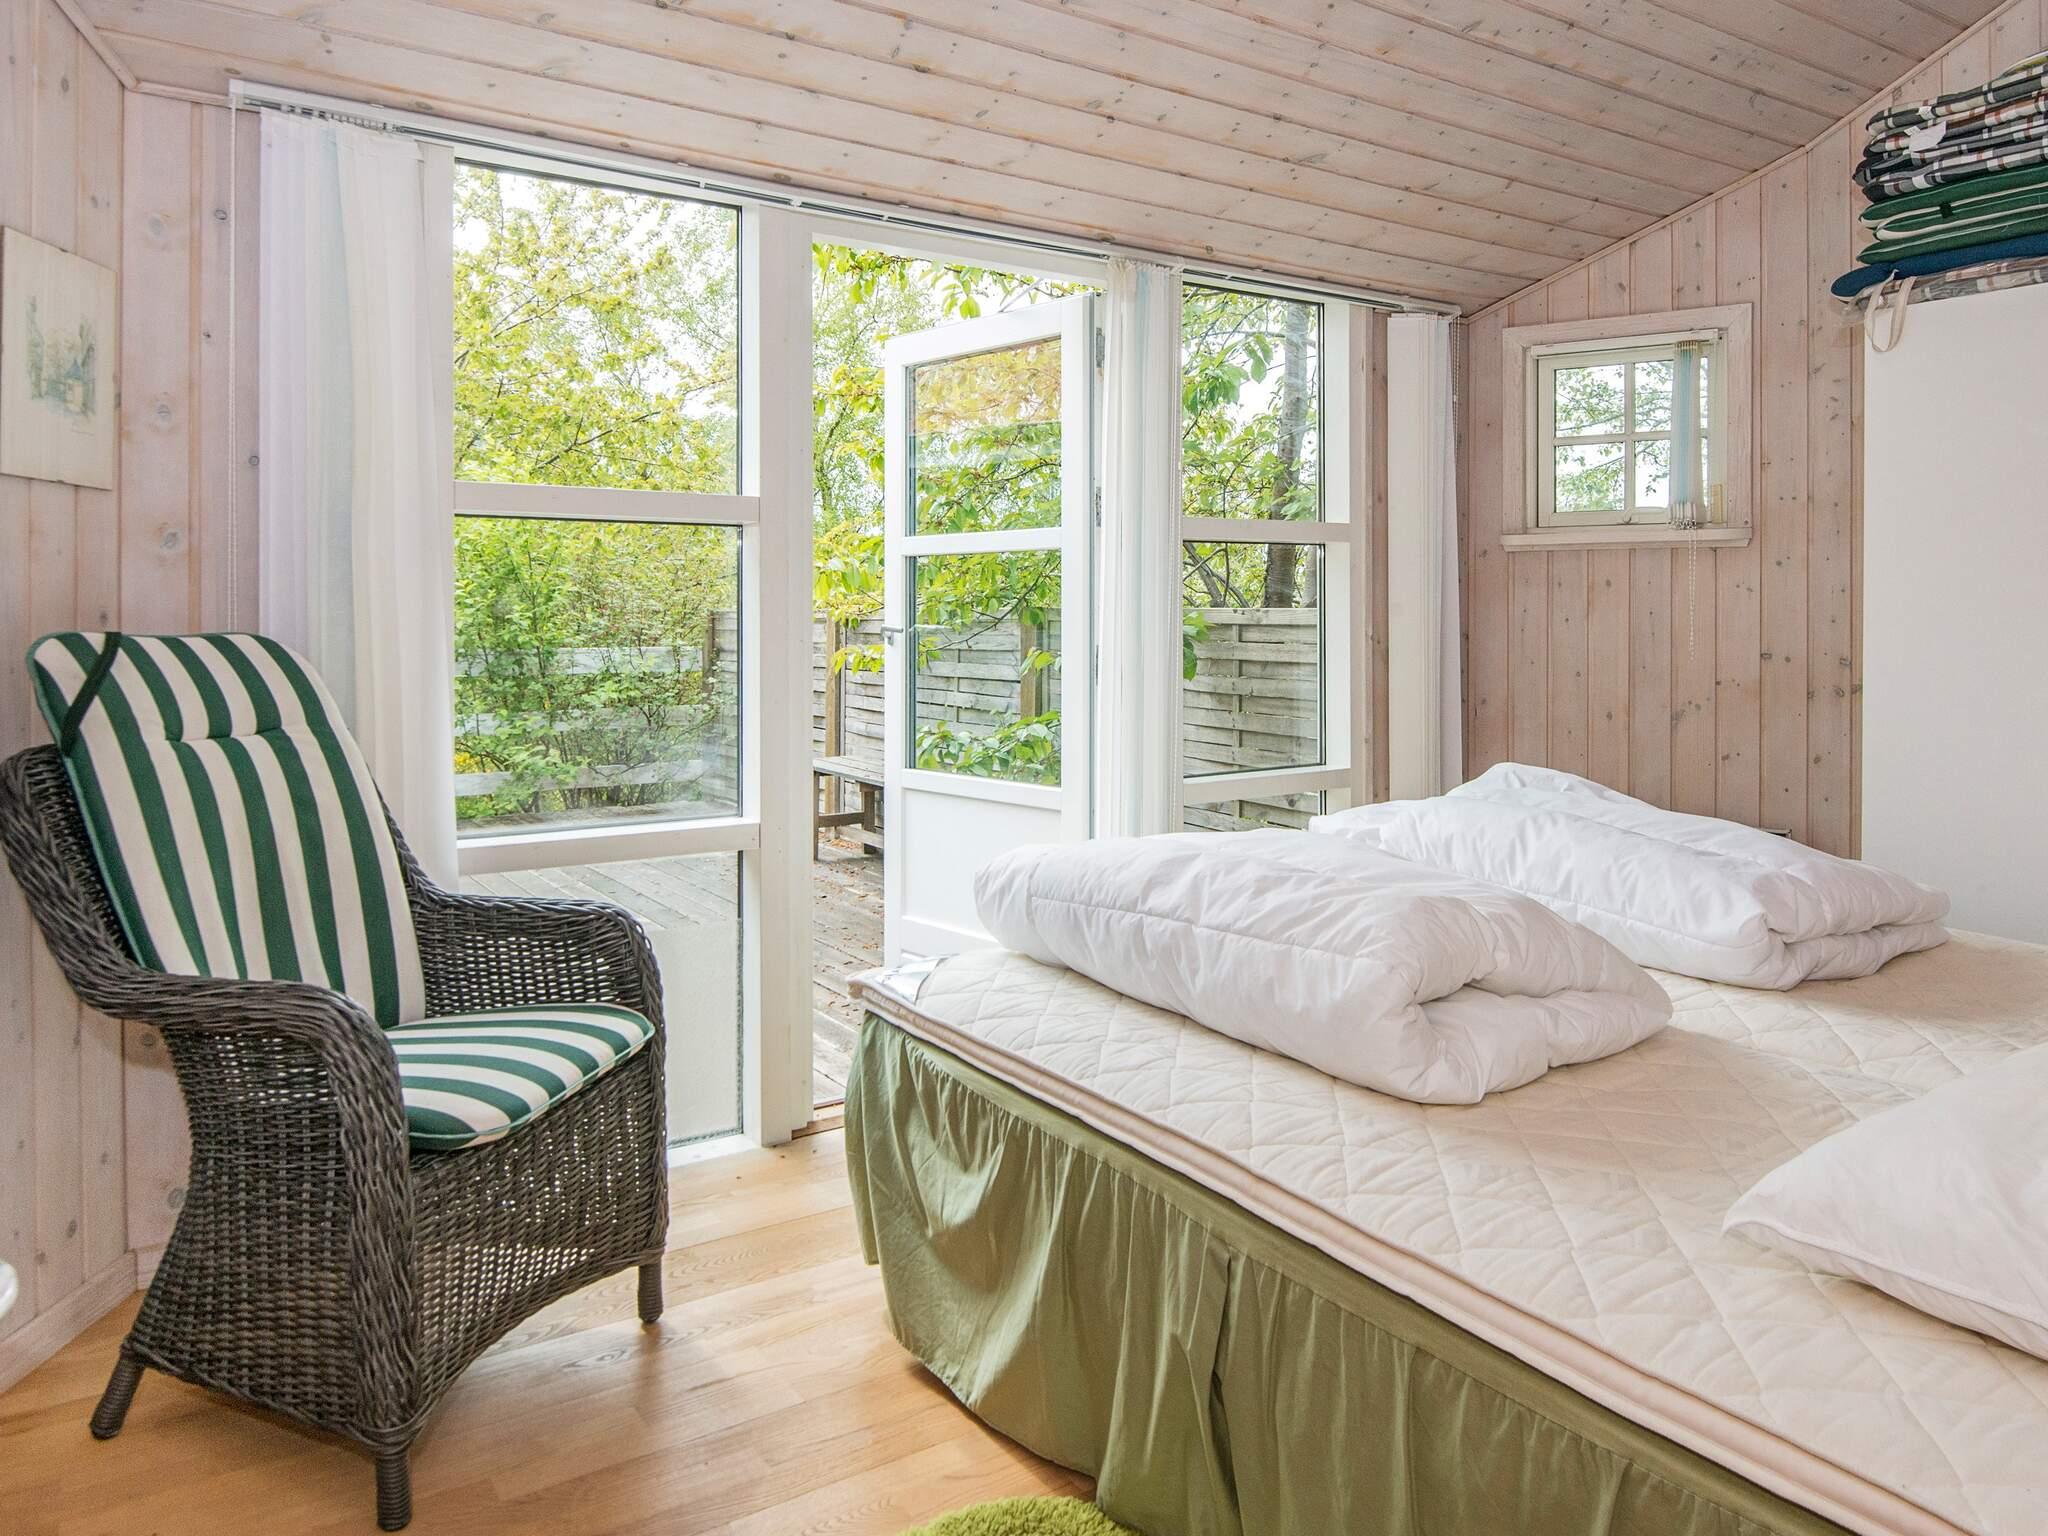 Ferienhaus Helgenæs (2537626), Knebel, , Dänische Ostsee, Dänemark, Bild 12